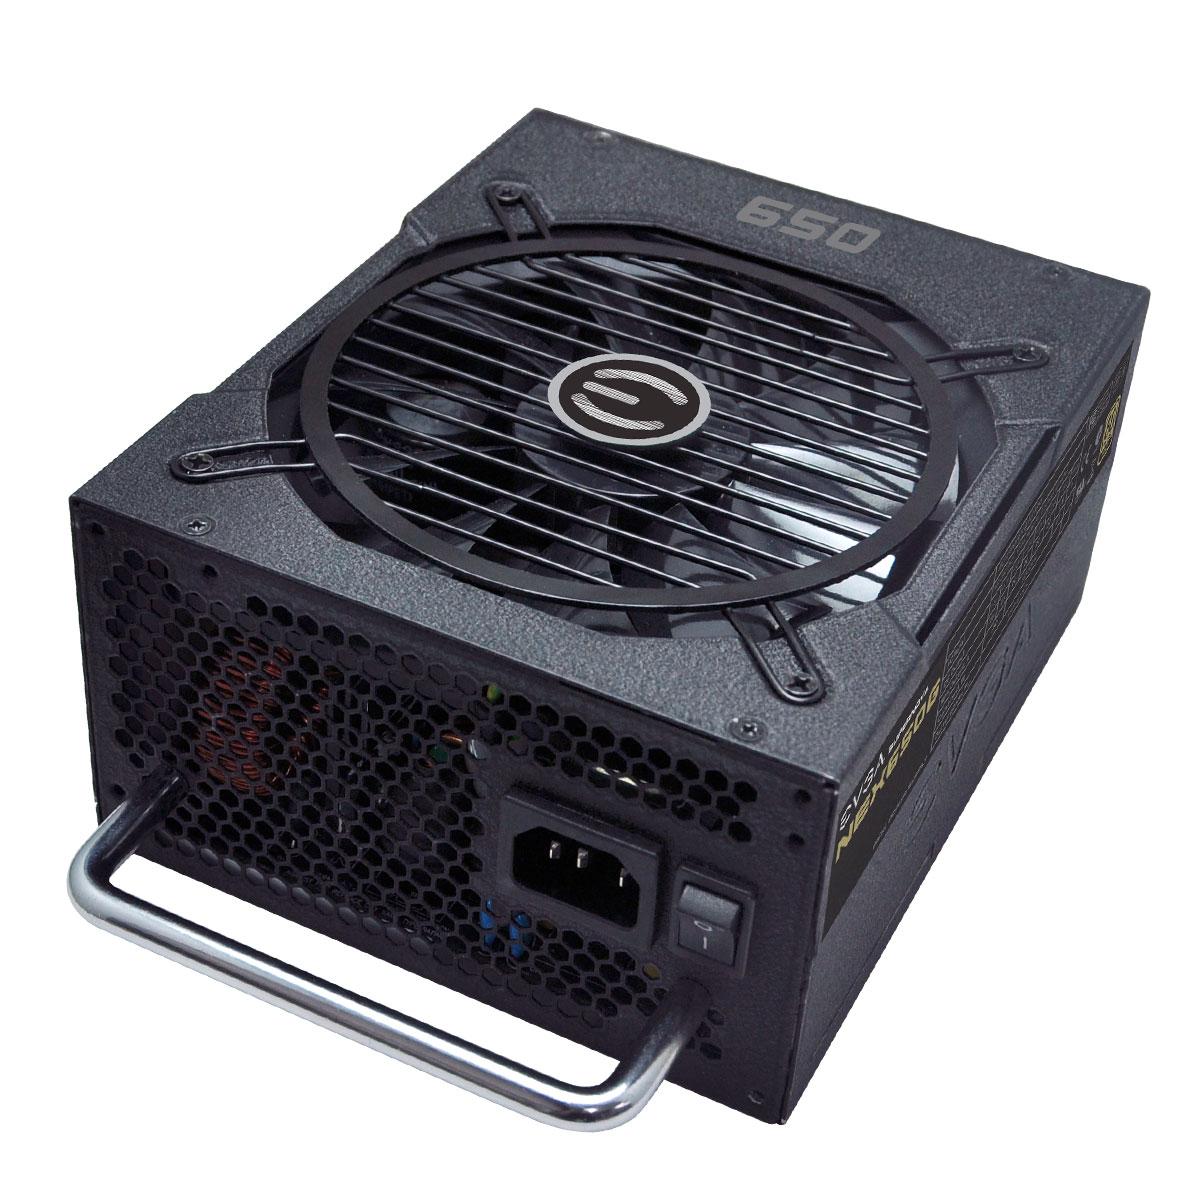 Fonte ATX 650W 80 Plus Gold 120-PG-0650-GR - EVGA